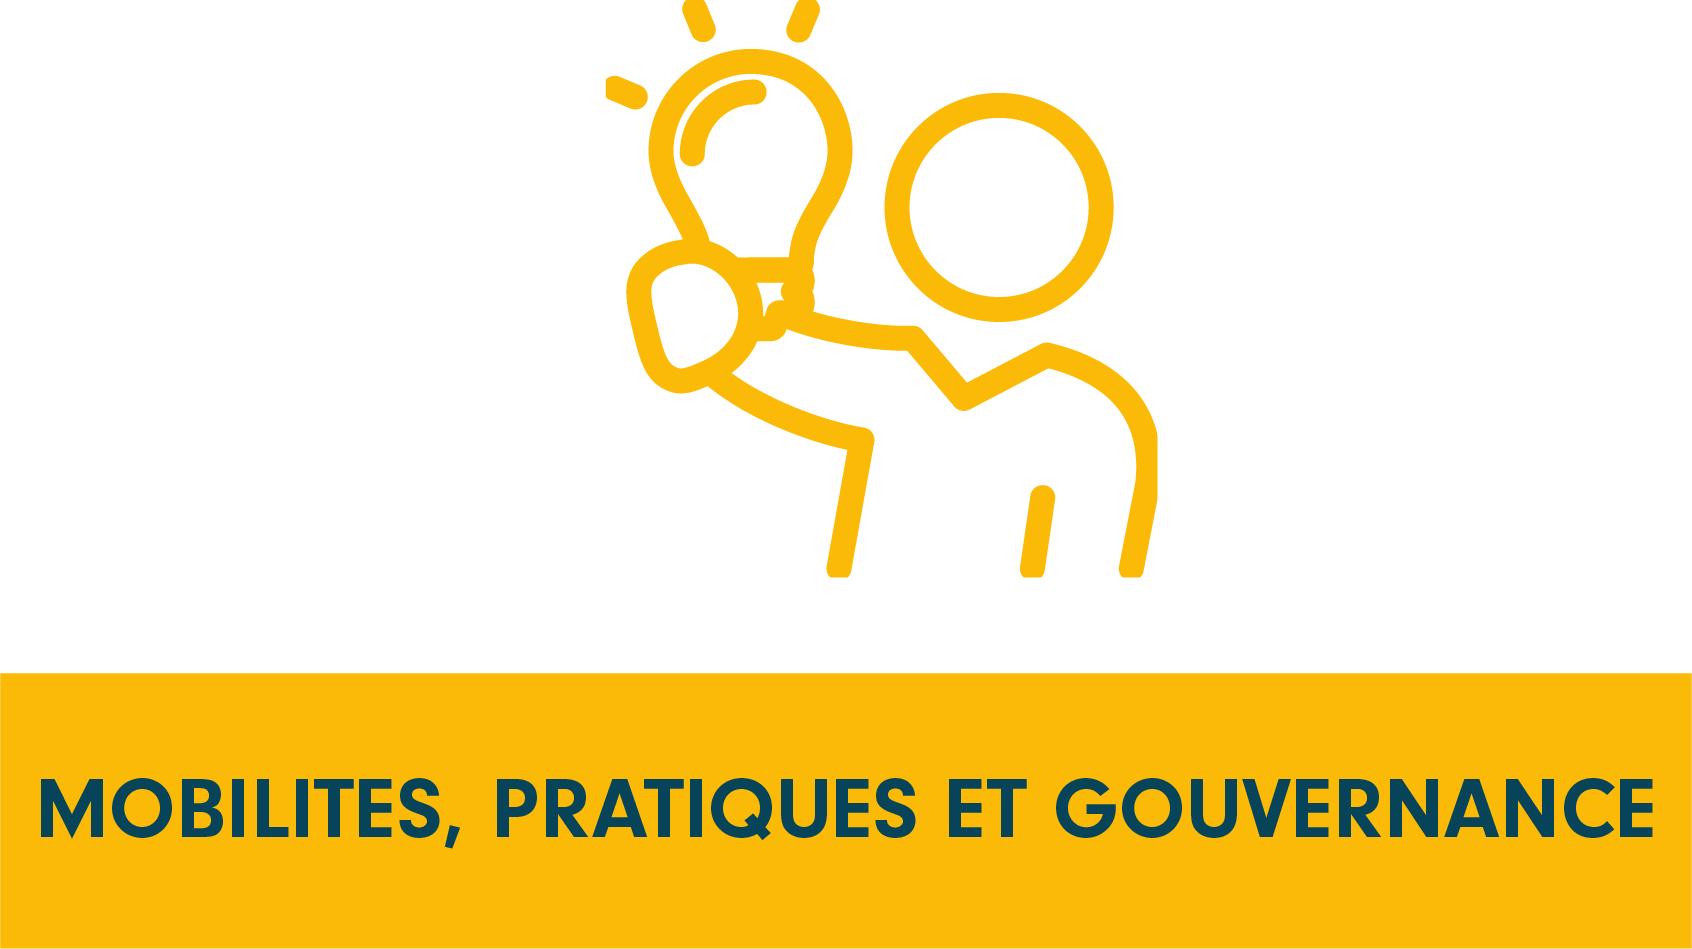 Pictogramme programme de recherche, mobilité, pratiques et gouvernance